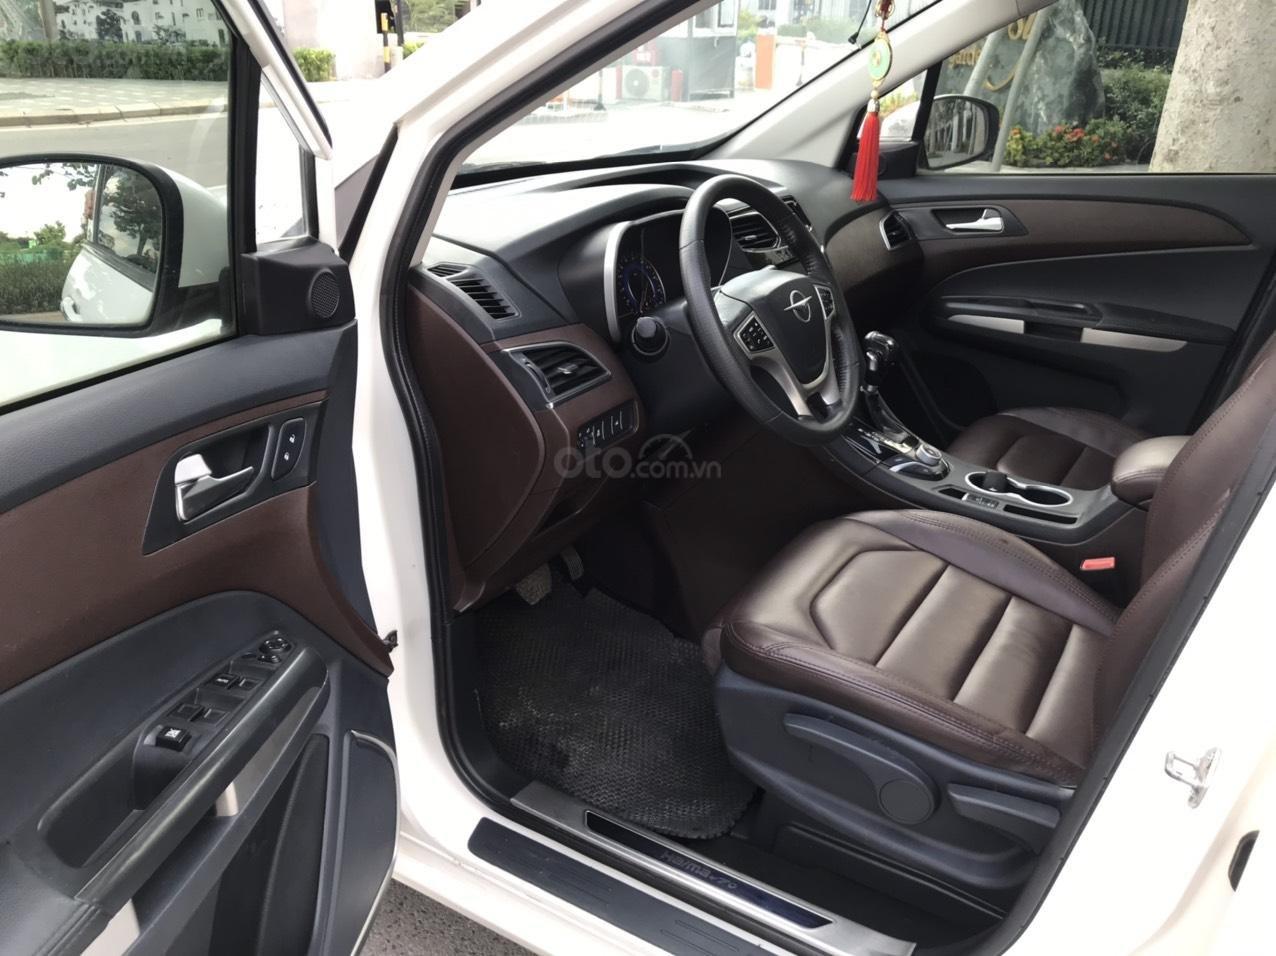 Bán Haima V70 sản xuất 2016 giá cạnh tranh (7)